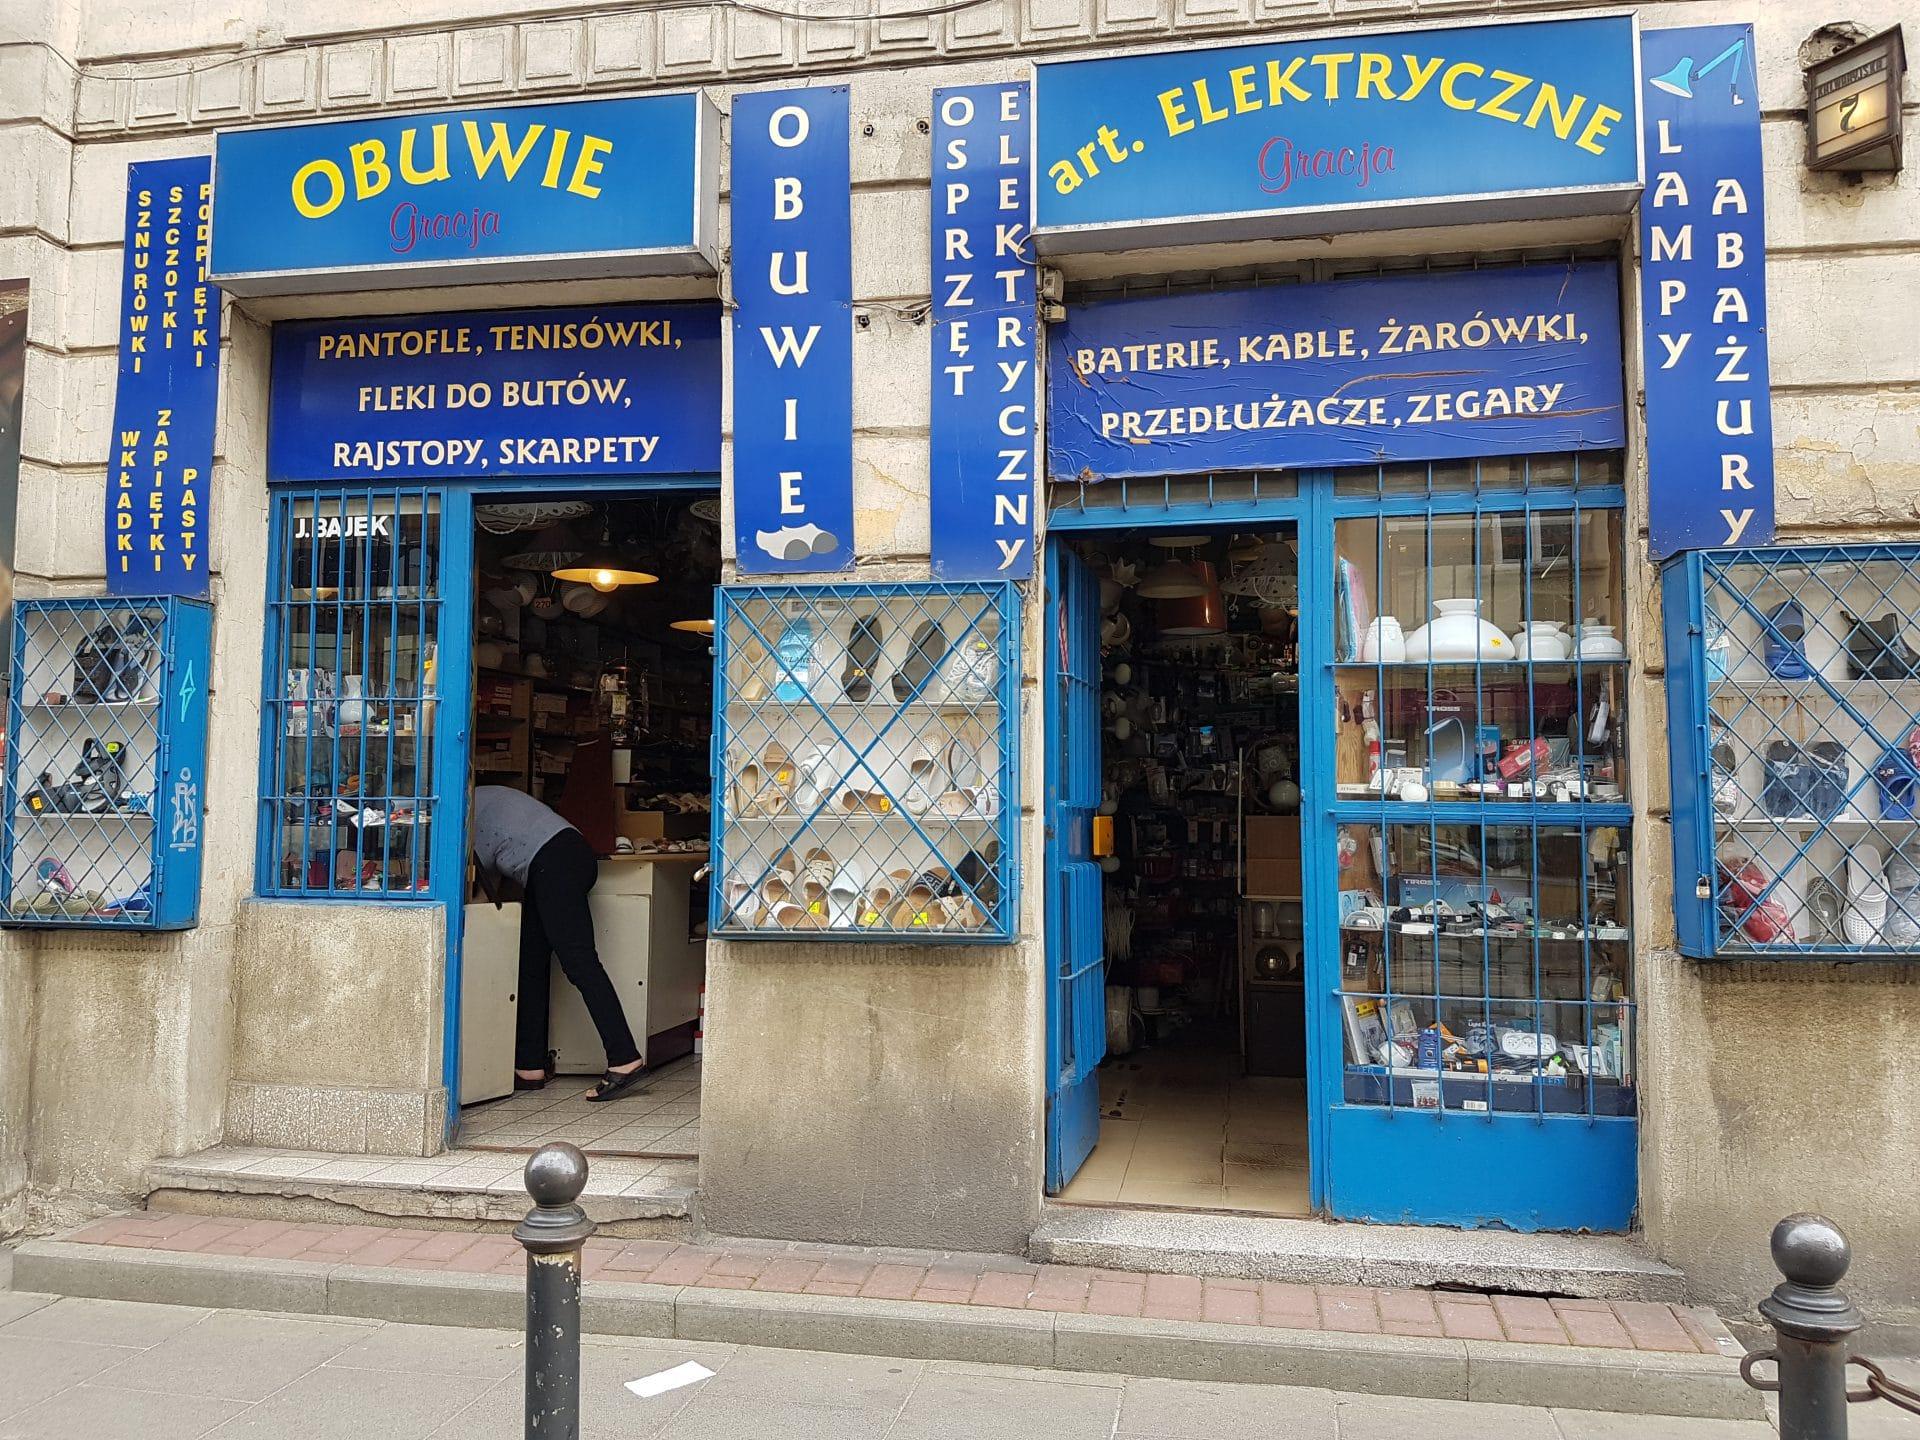 Ulica Kalwaryjska Najstarsza sprzedawczyni w Polsce